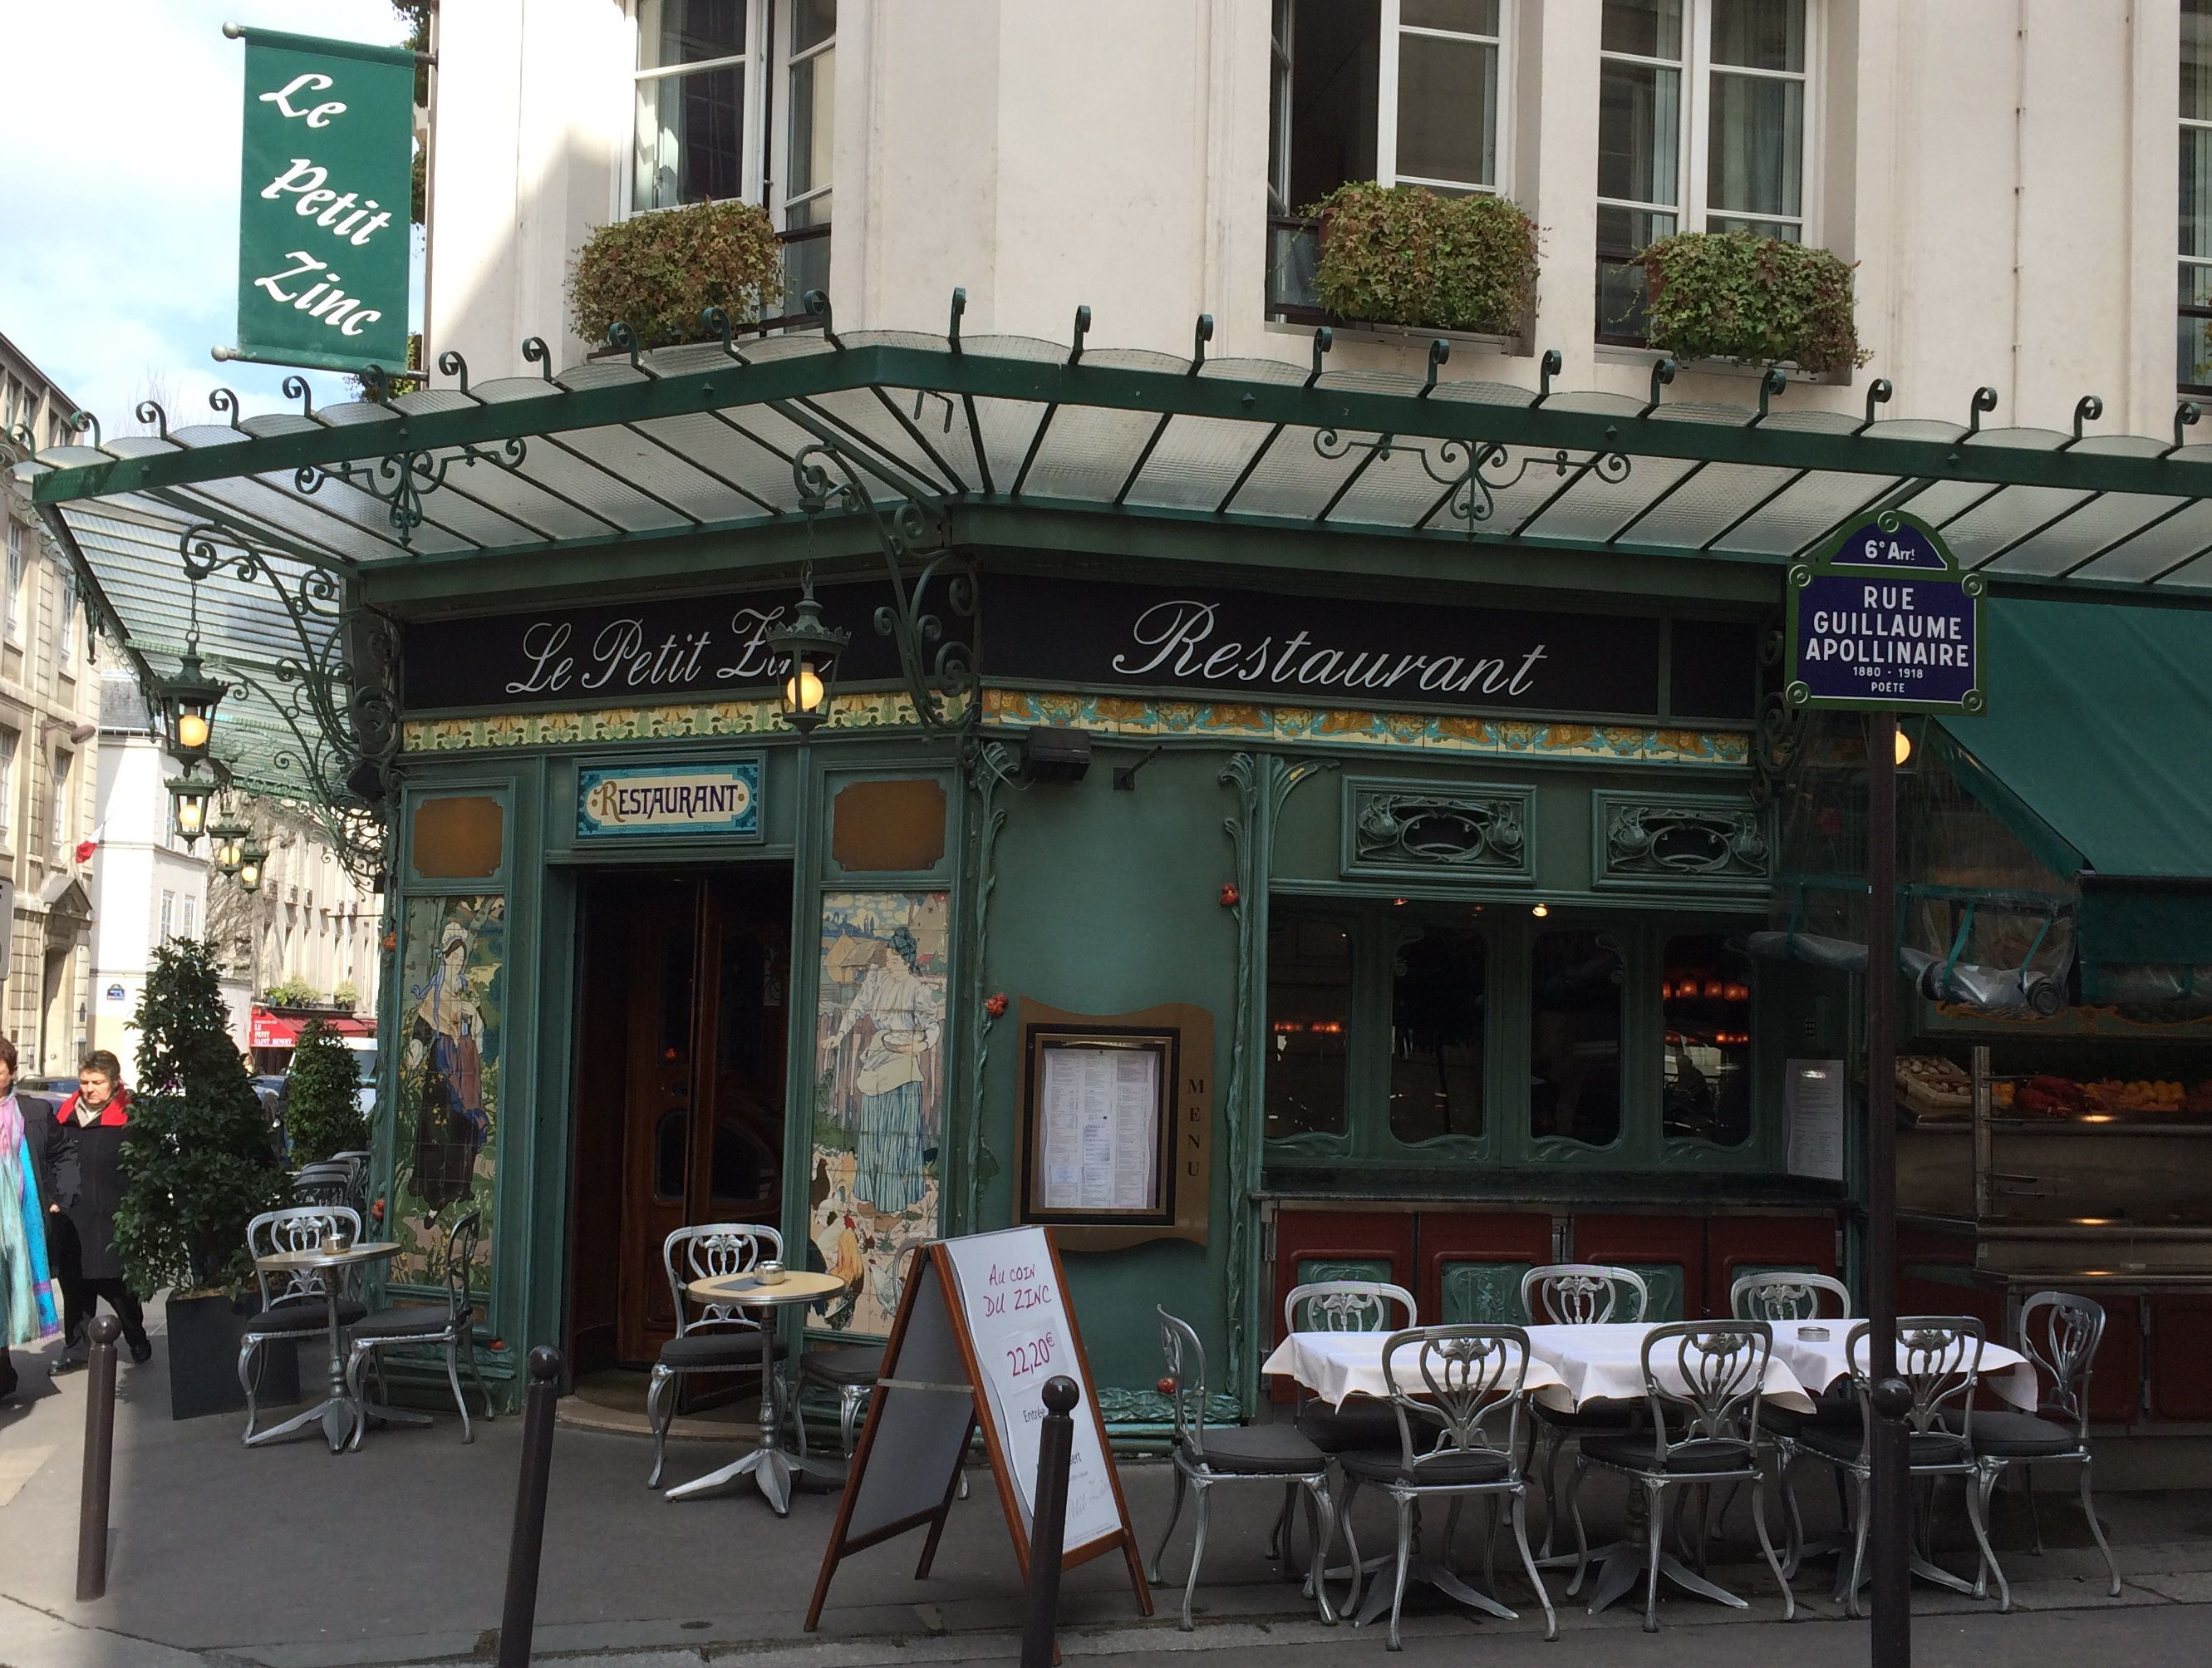 Le petit zinc restaurant paris art nouveau architecture for Le petit salon paris